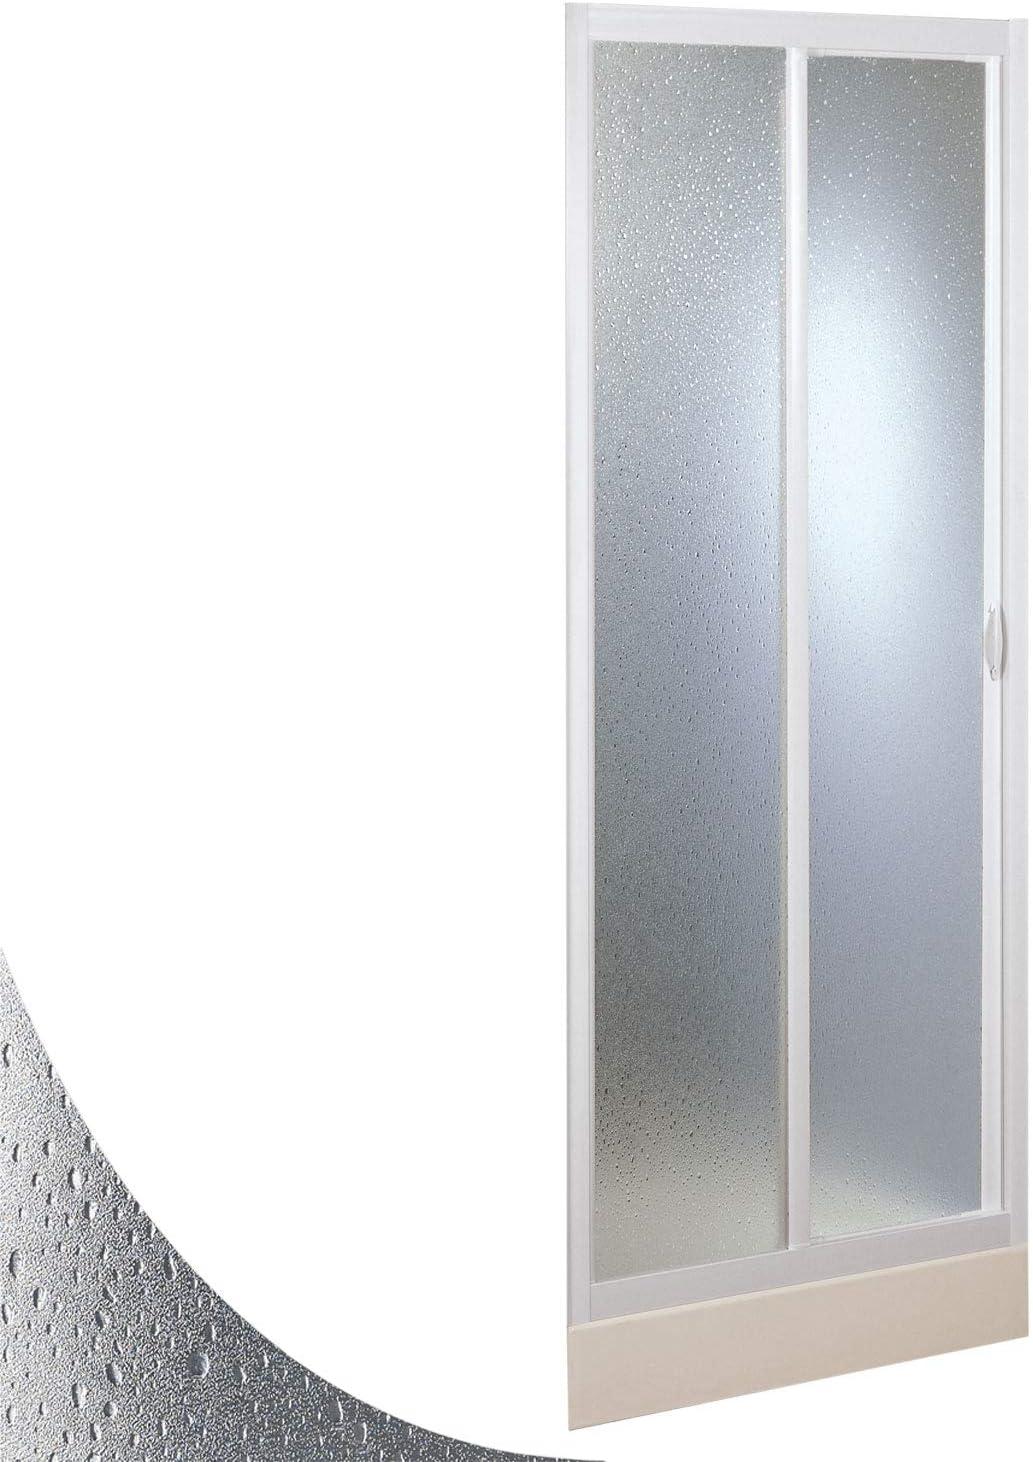 Mercurio avec Ouverture Laterale Forte Paroi Douche 100 CM en Acrylique Mod